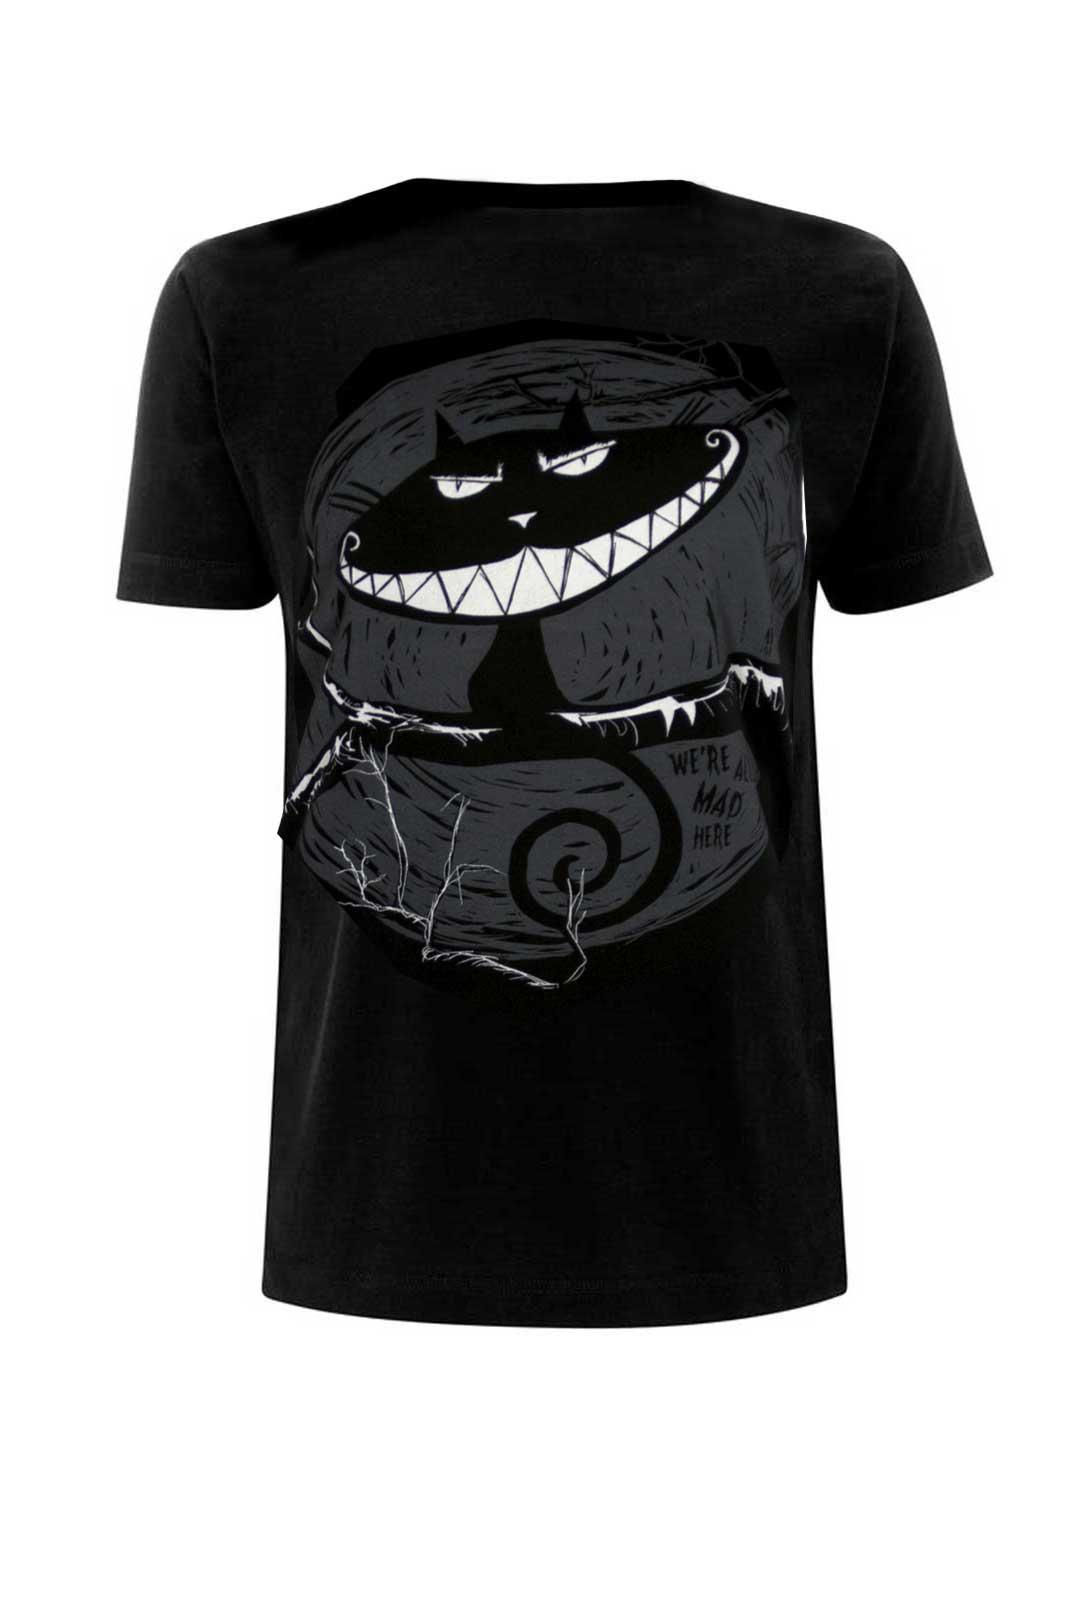 Cheshire Cat Tee Black